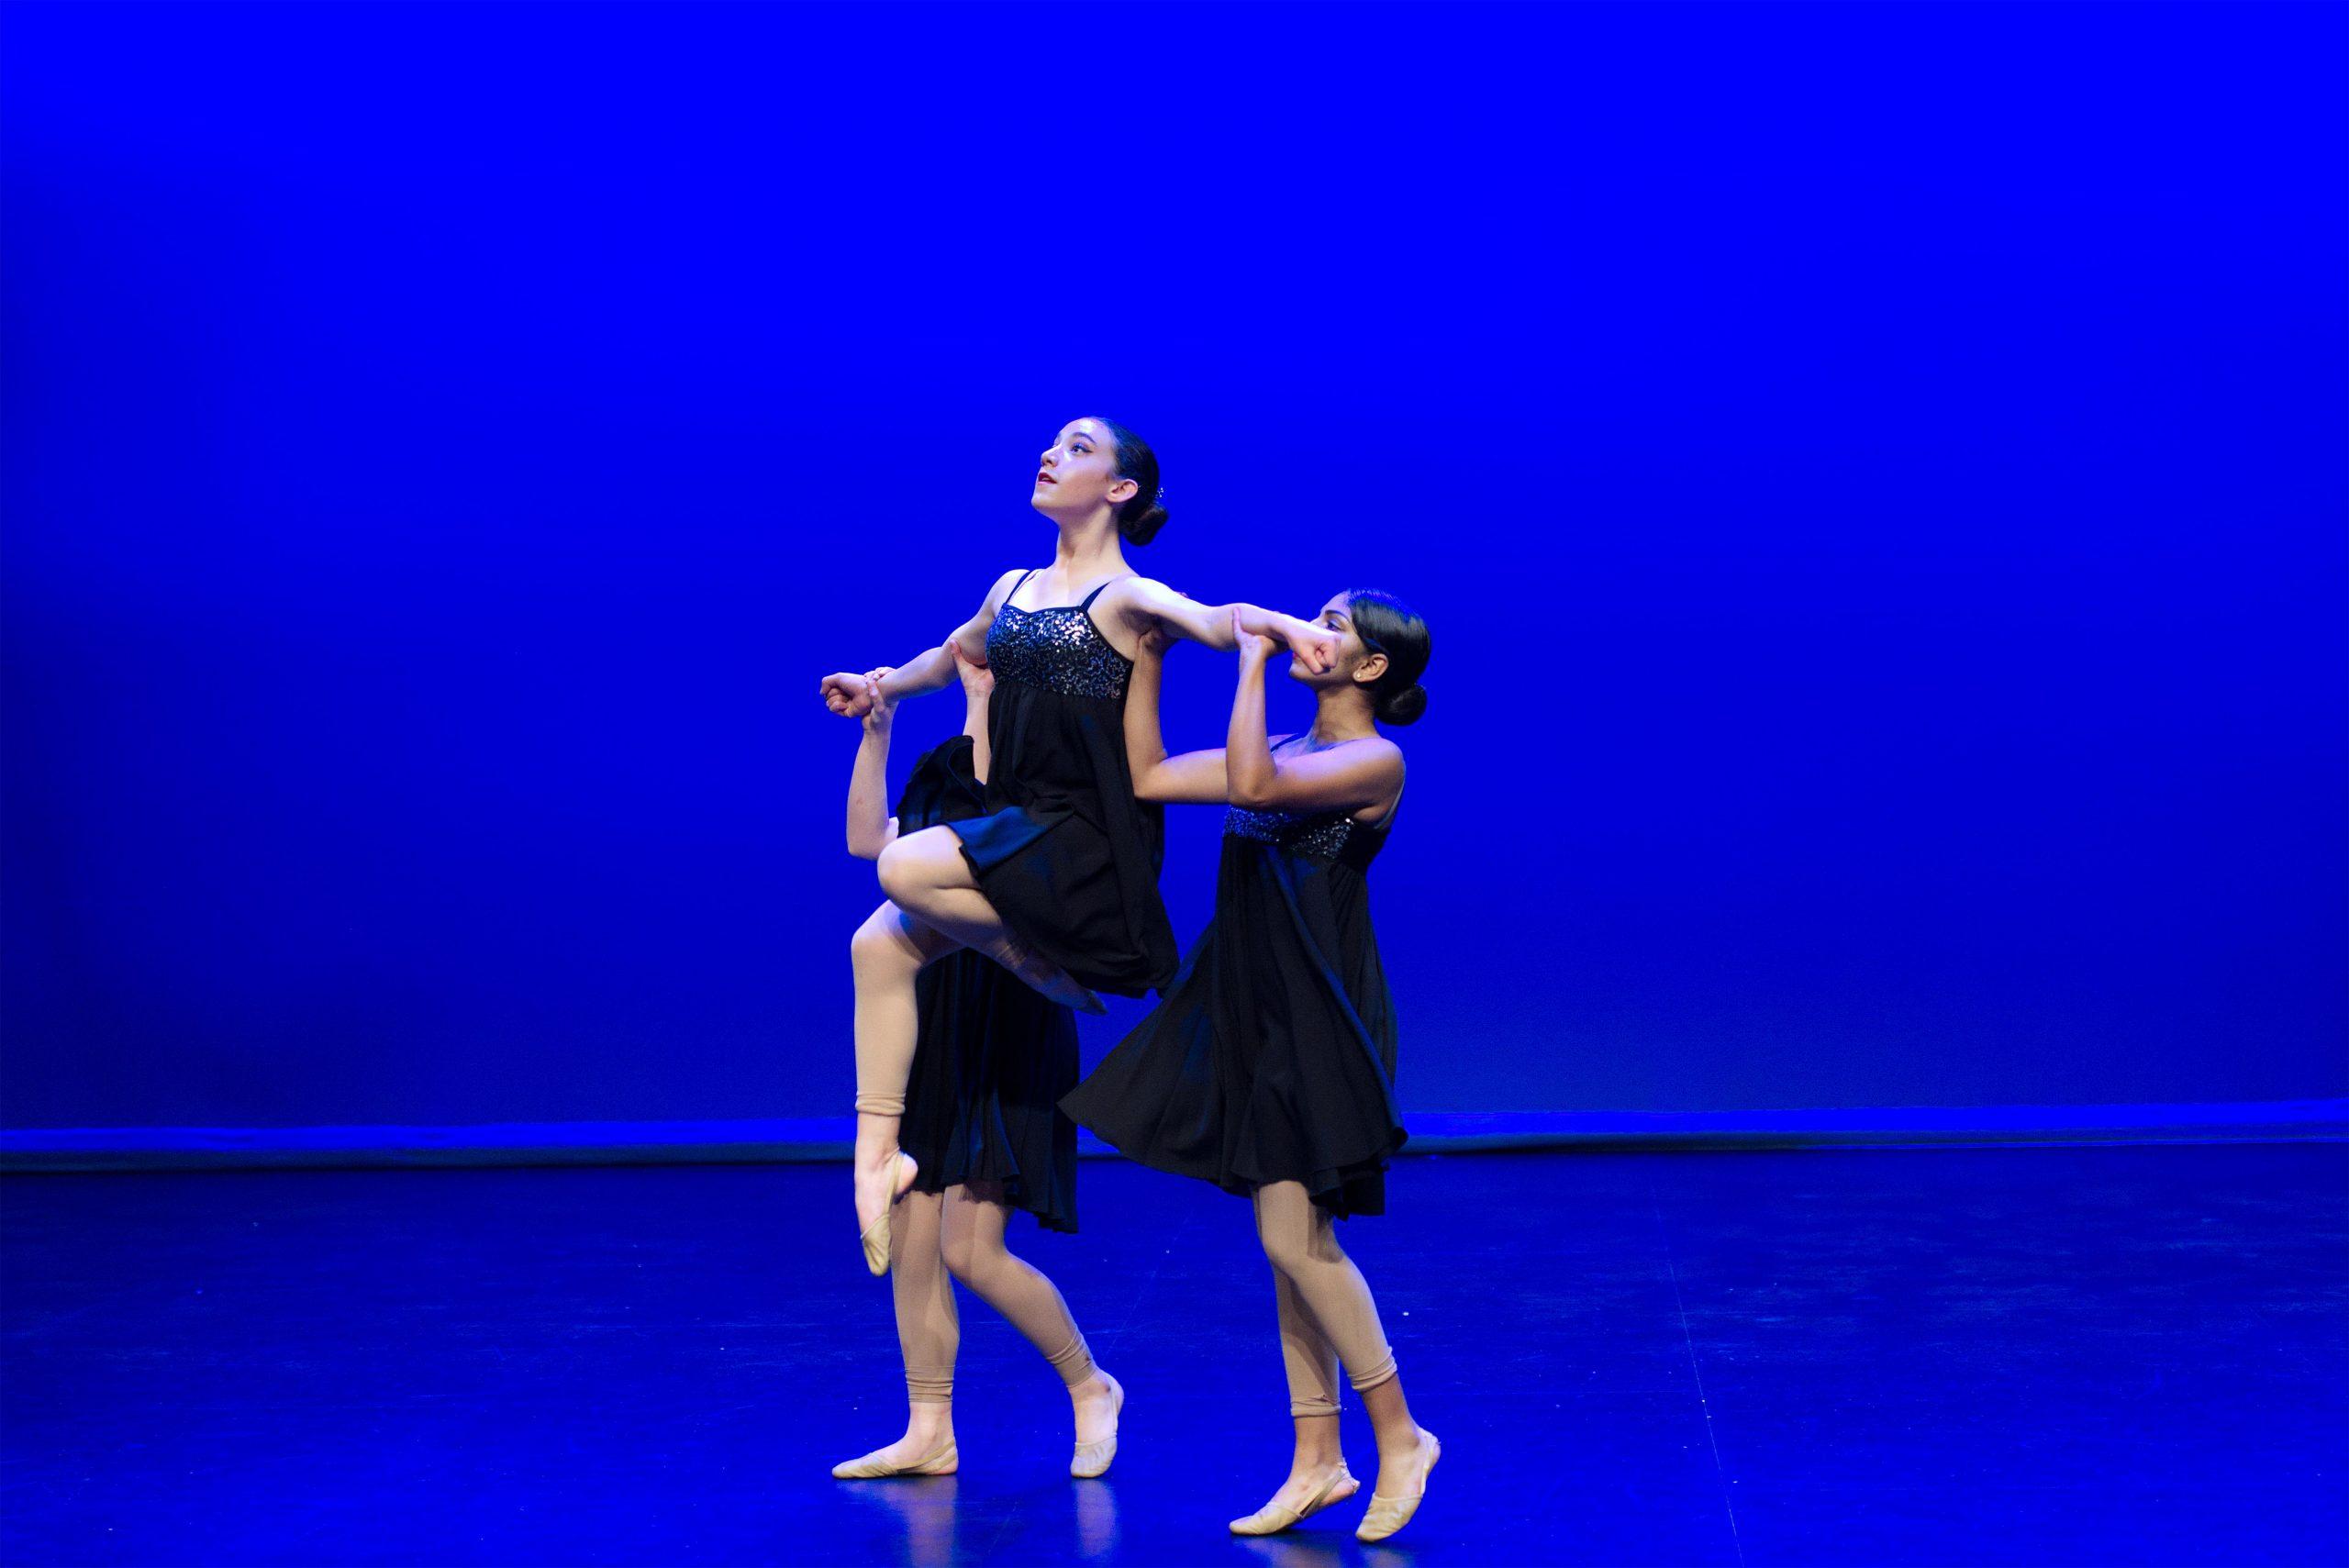 Diakosmos_Dance_Academy_Our_Classes_open_contemporary